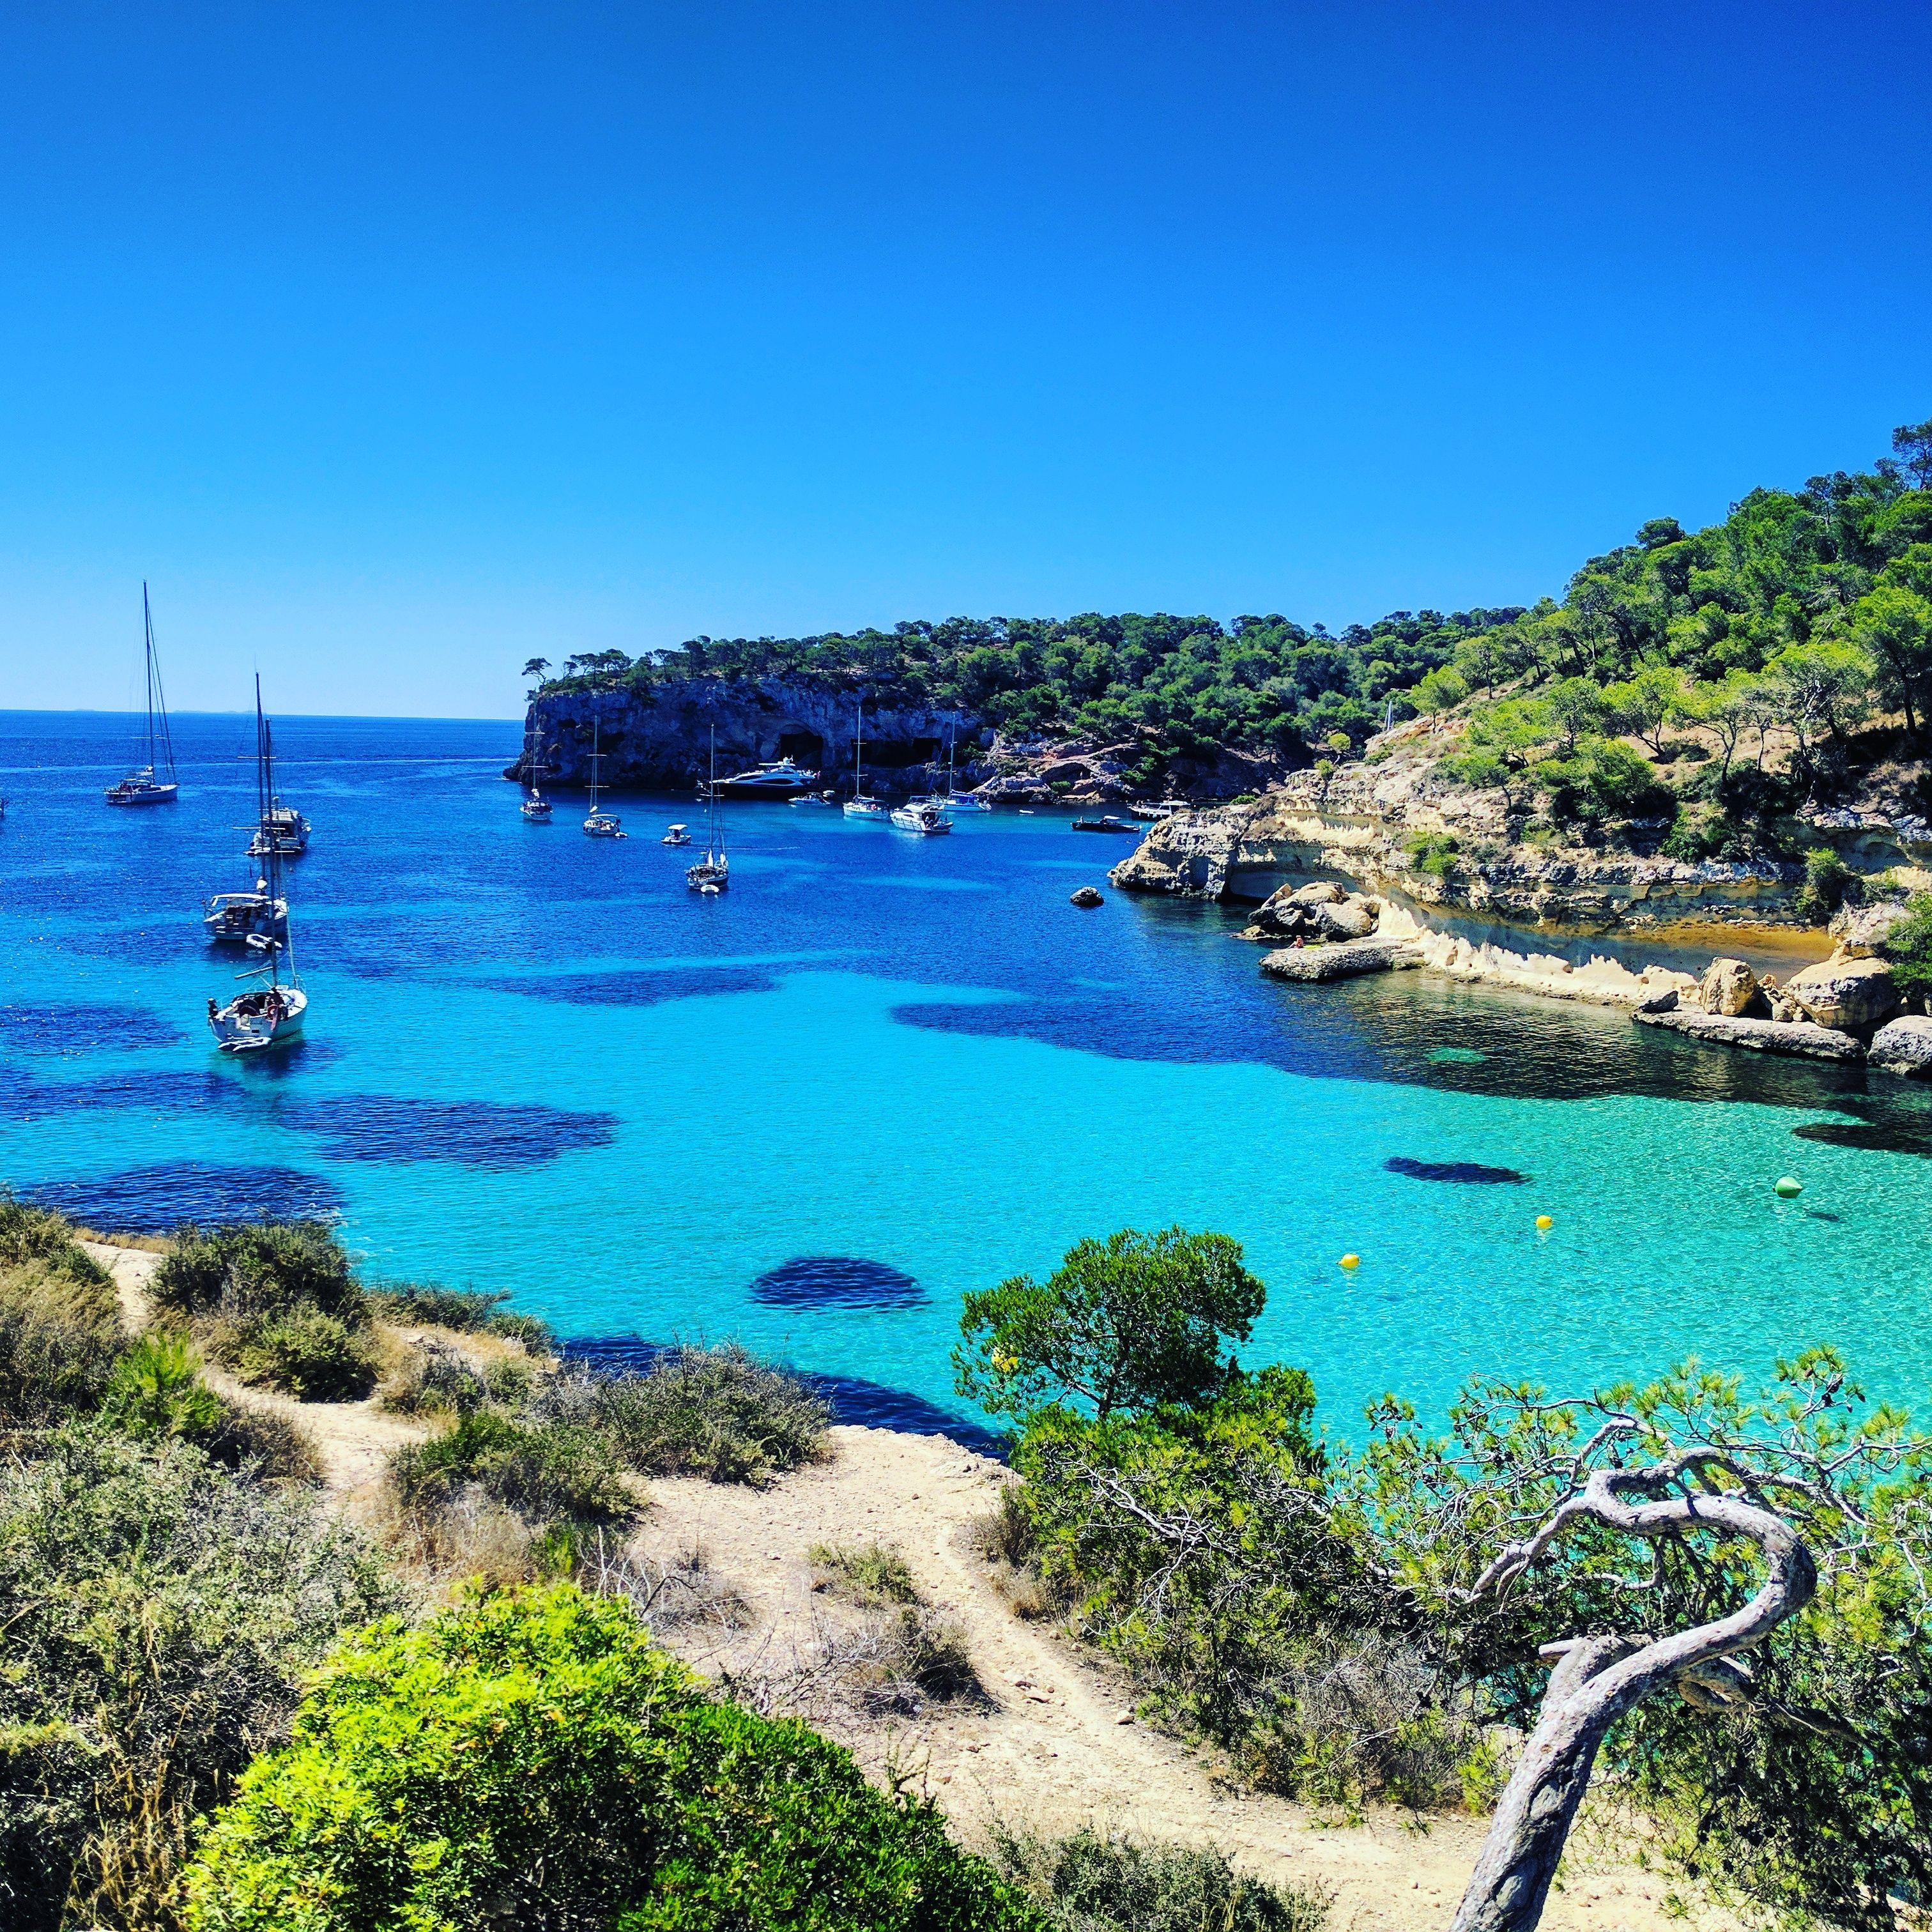 Cala Mago Majorca Travel Ttot Nature Photo Vacation Hotel